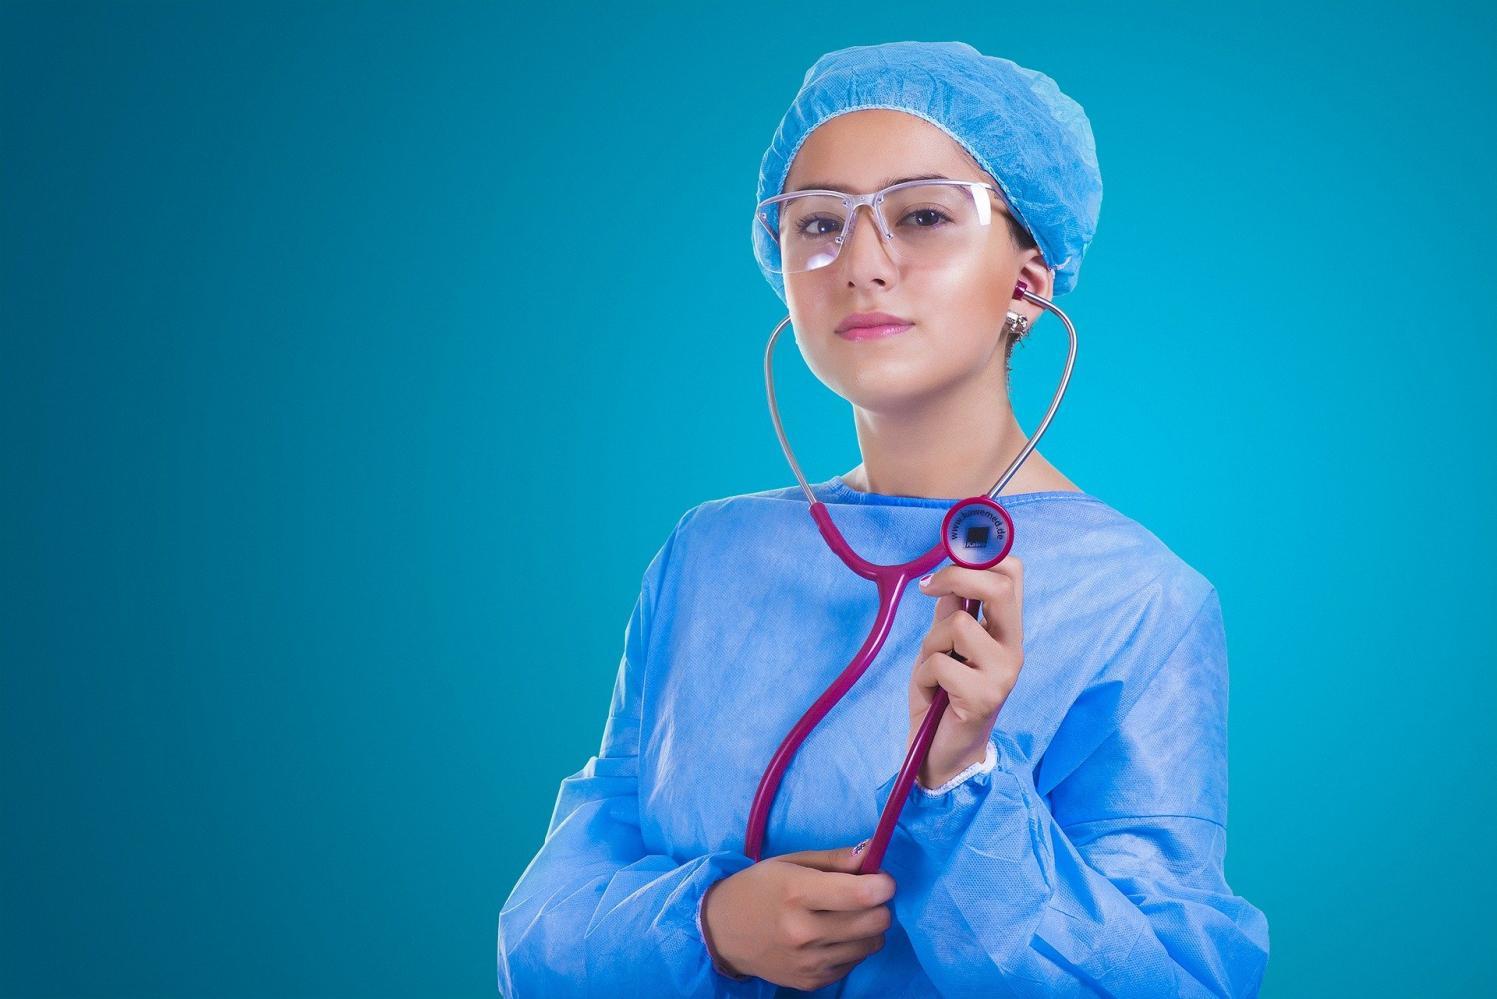 Plano de saúde é o terceiro item de desejo na lista de prioridades do brasileiro